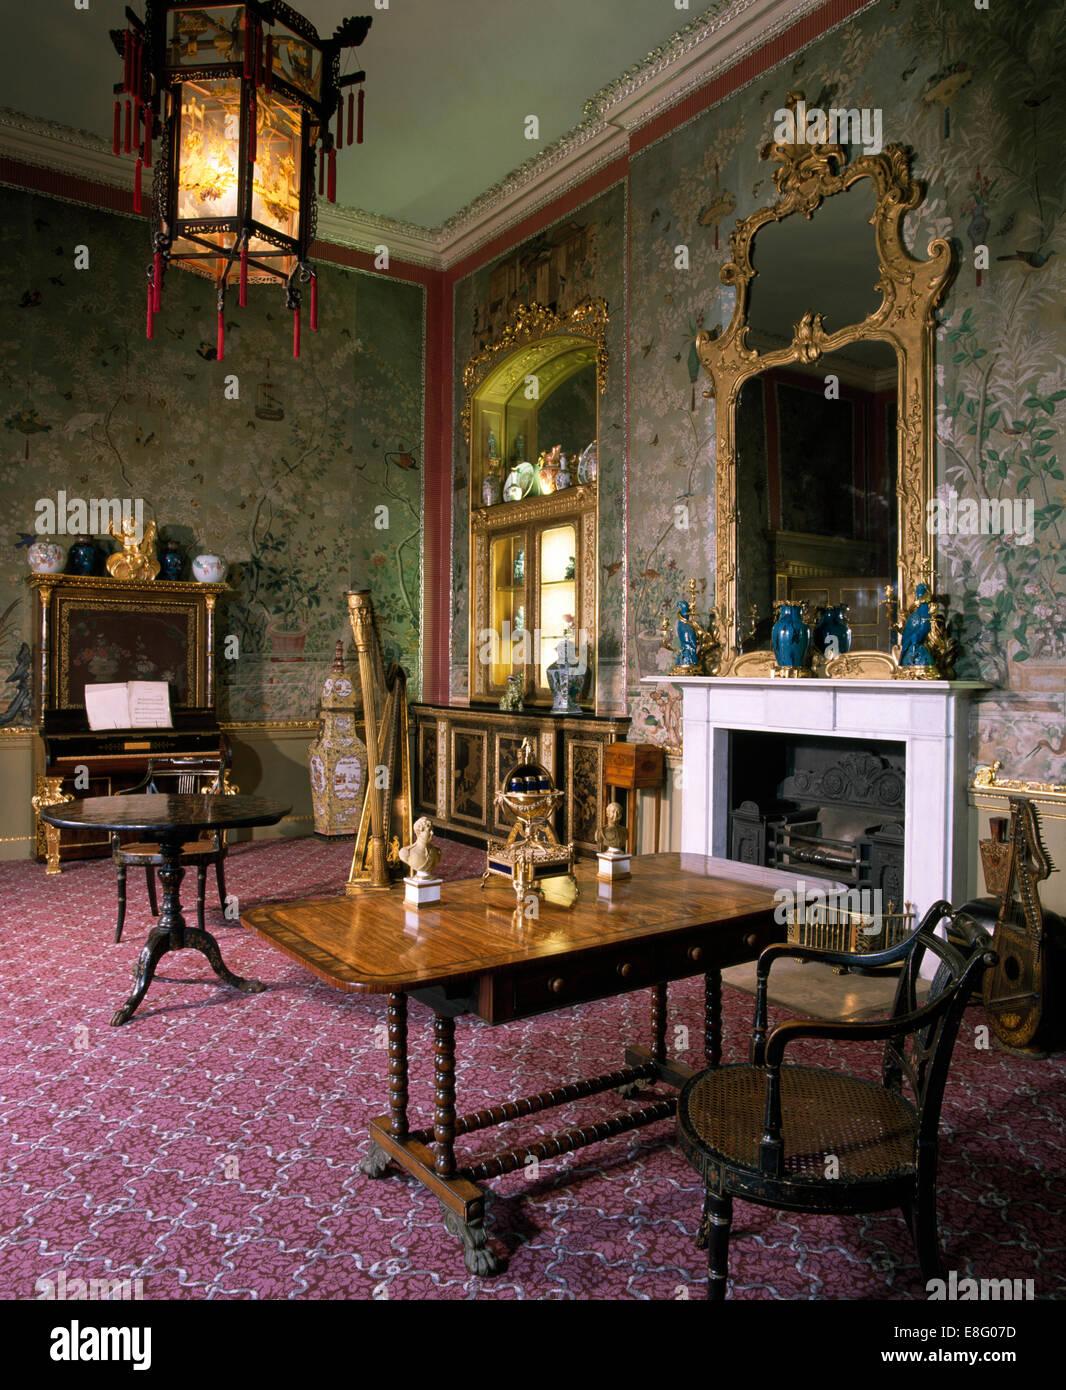 Herrenhaus Möbel antike möbel und laterne im alten altmodischen herrenhaus salon